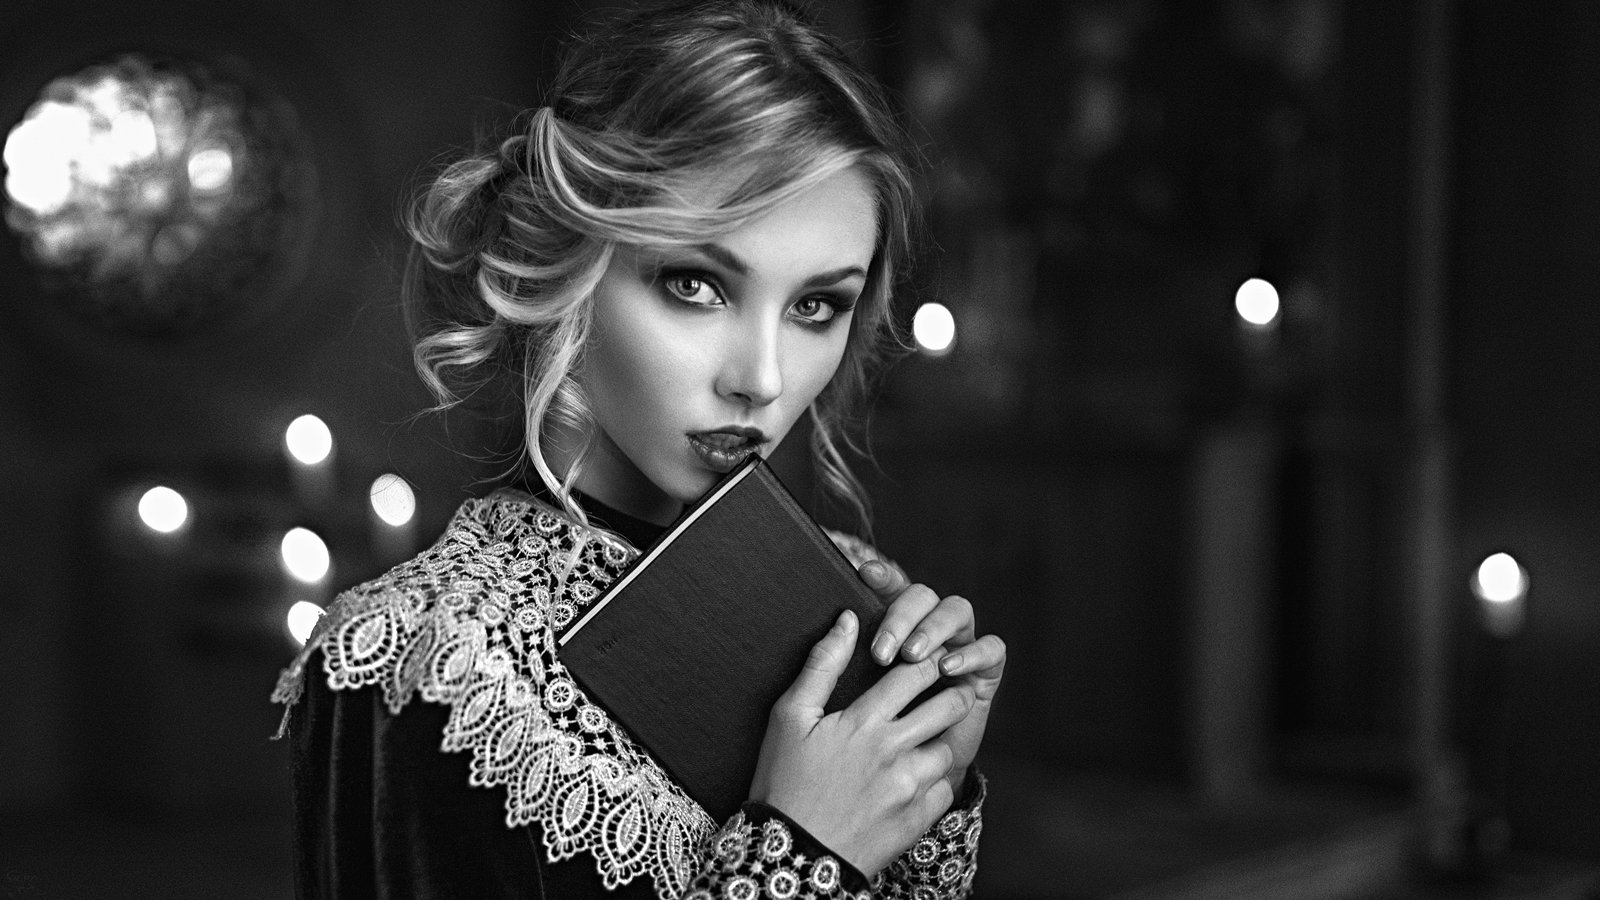 портрет, арт, модель, portrait, art, чб, Георгий Чернядьев